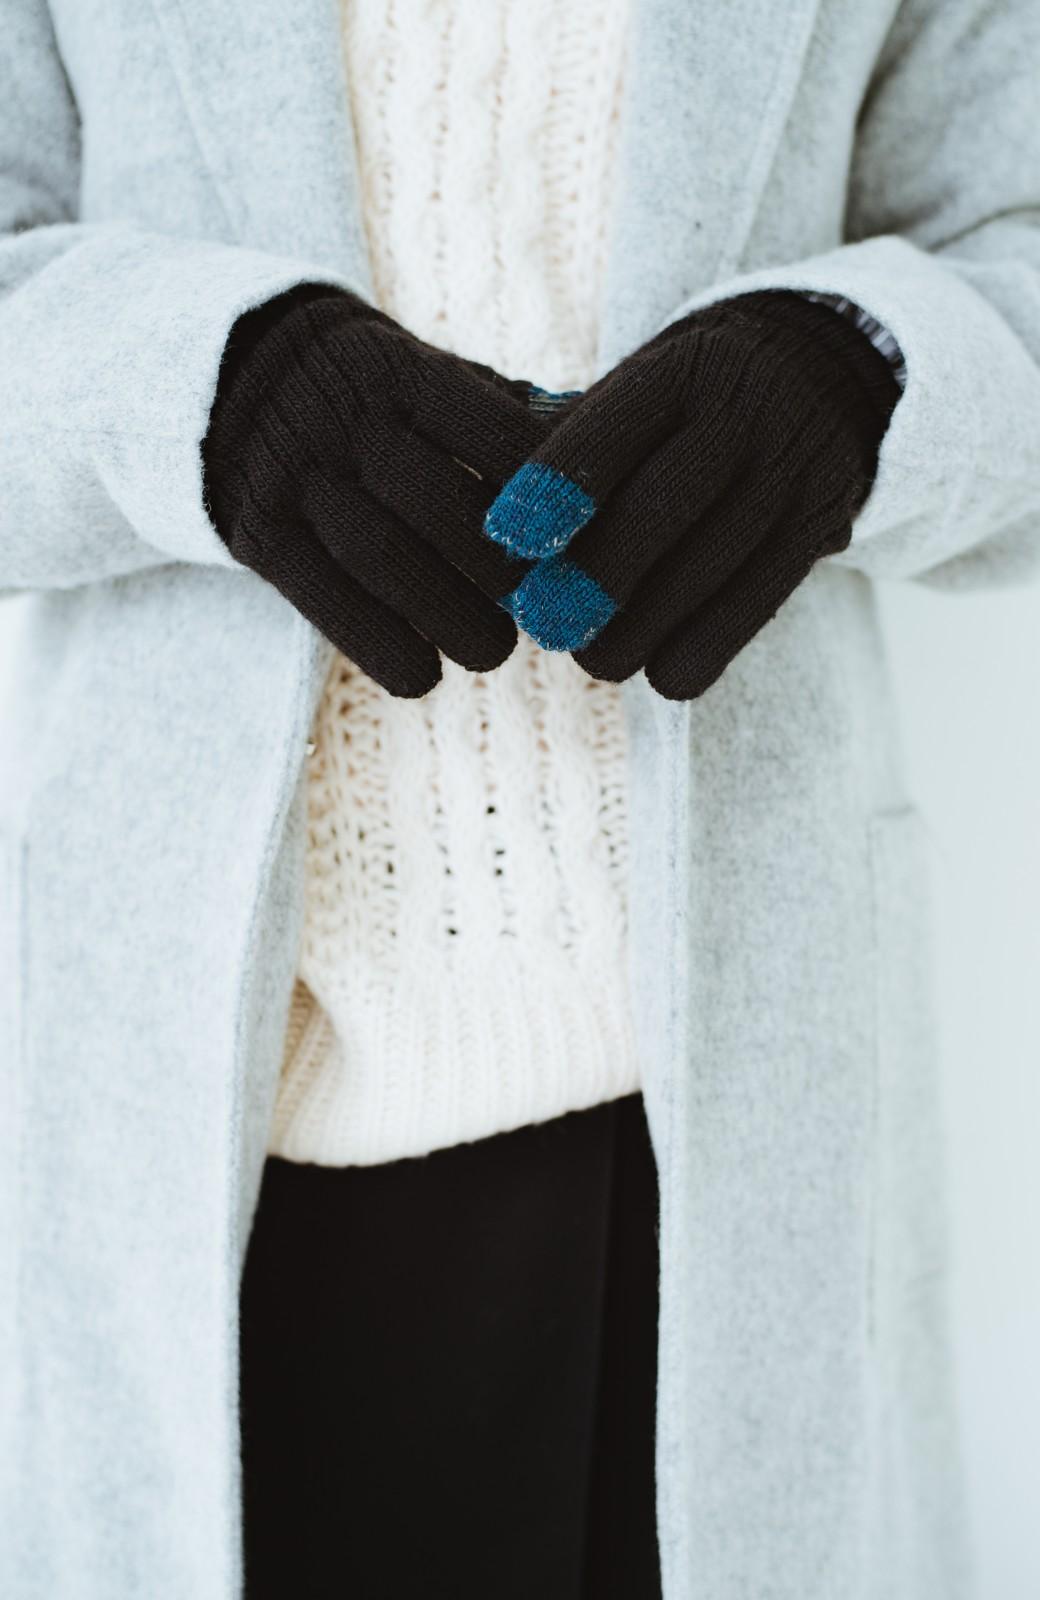 haco! タッチパネル対応手袋 イタリアンウールグローブ <ブラック>の商品写真4